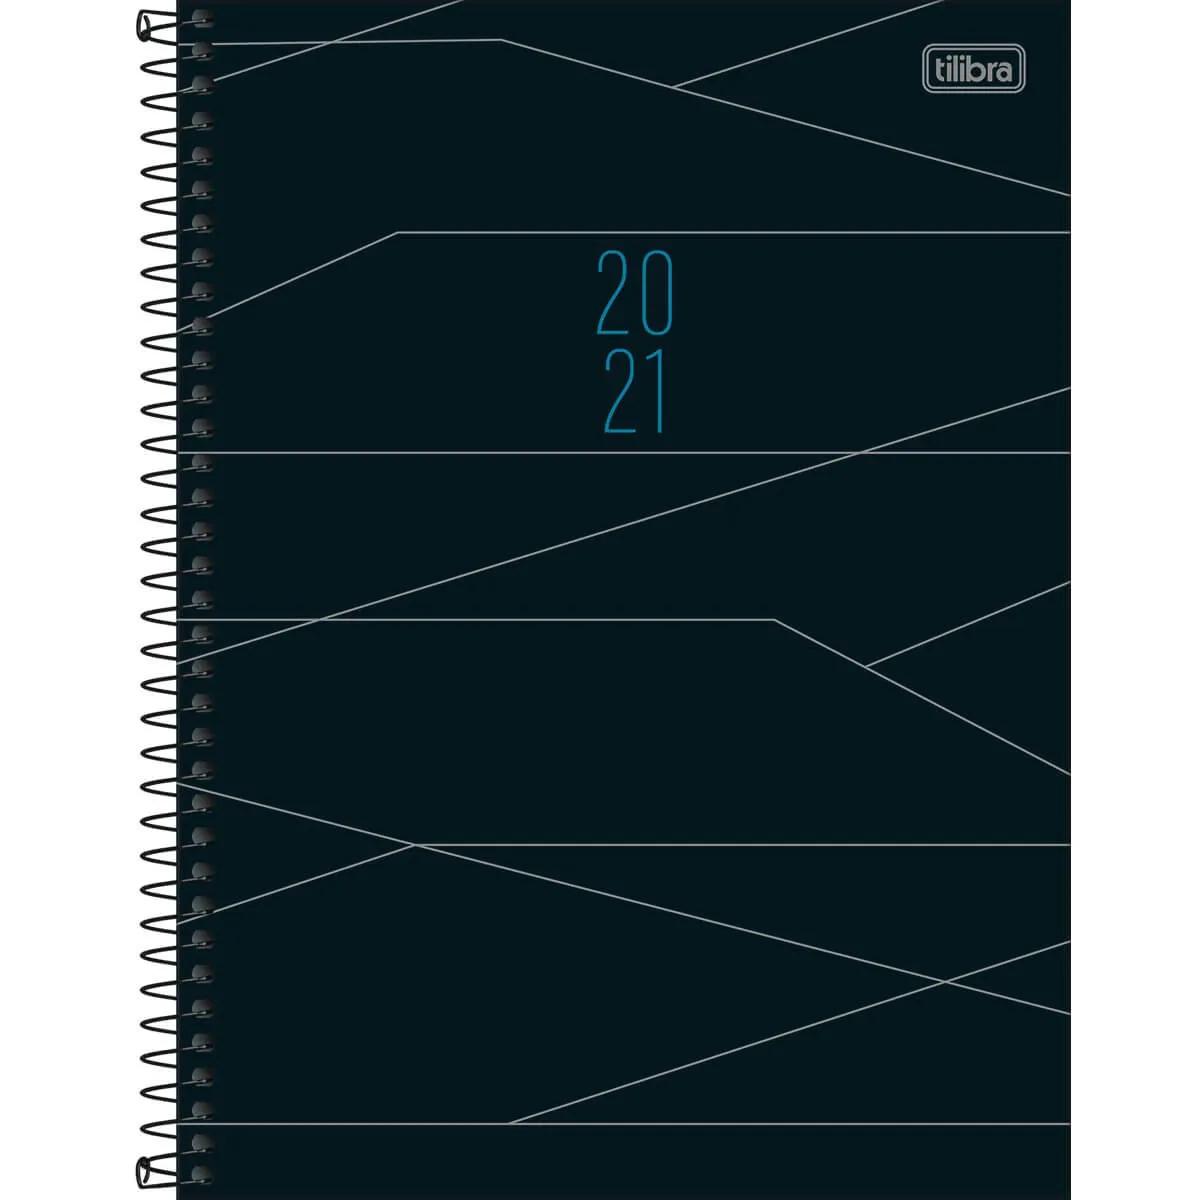 Agenda 2021 Profissional Spot 126179 TILIBRA